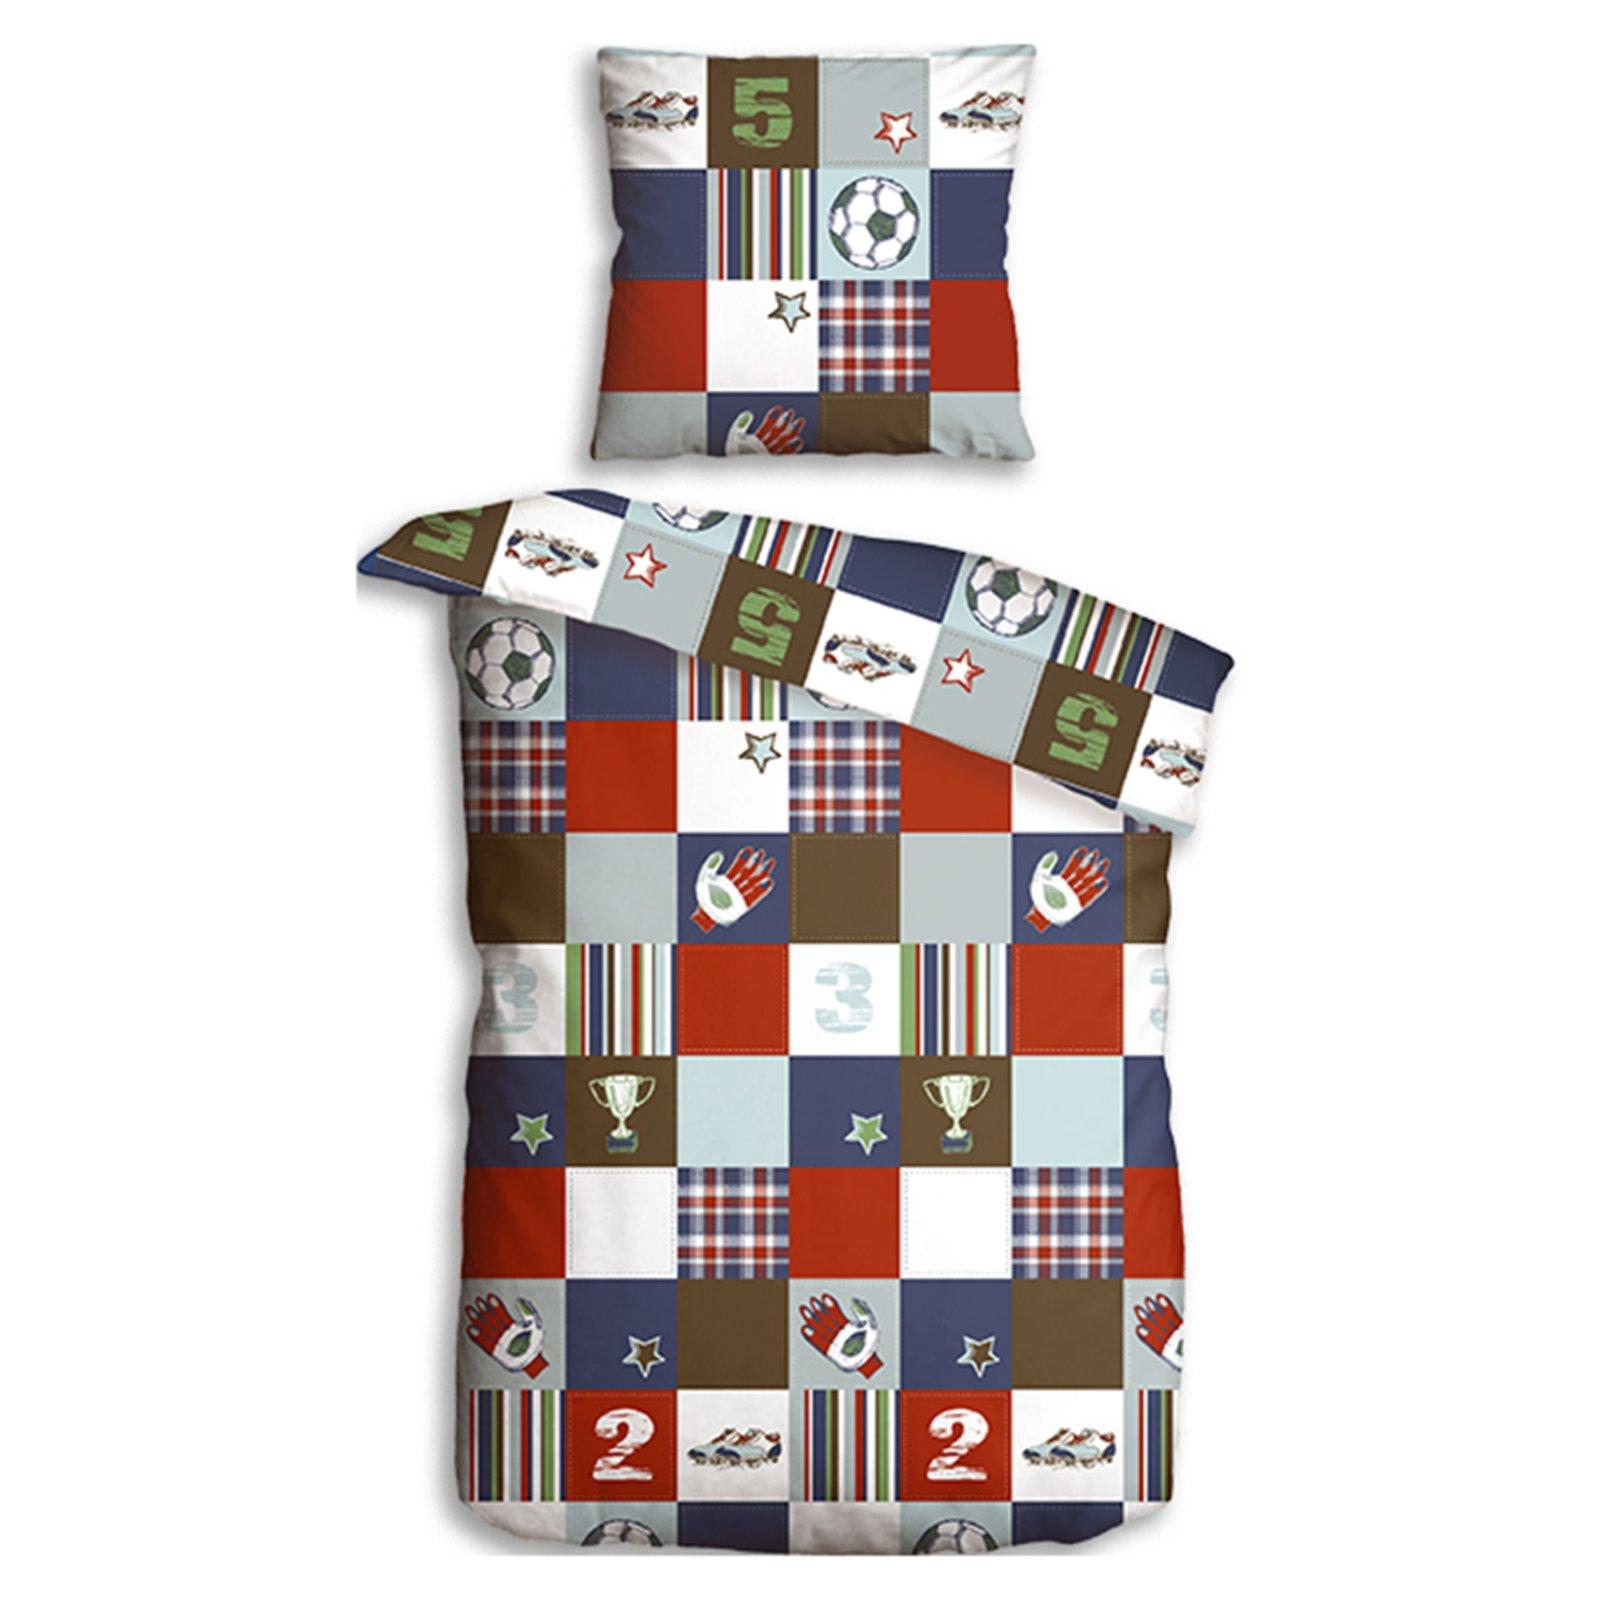 microfaser bettw sche fu ball bunt 135x200 cm kinderbettw sche bettw sche bettlaken. Black Bedroom Furniture Sets. Home Design Ideas